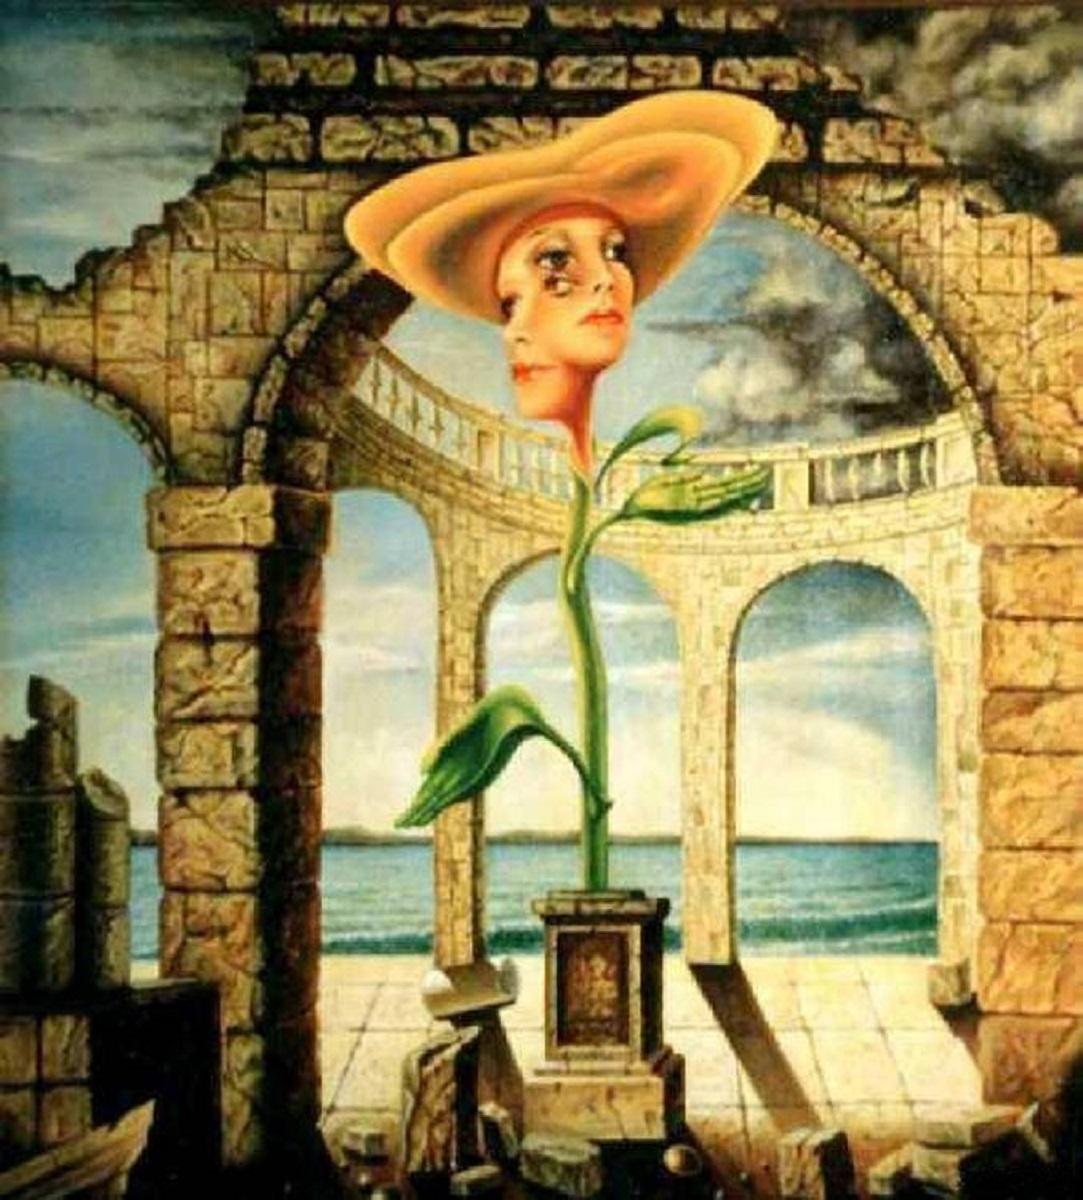 Vladimir Vasilyevich Abaimov. Madonna in an Orange Hat in the Architecture of Manyasco